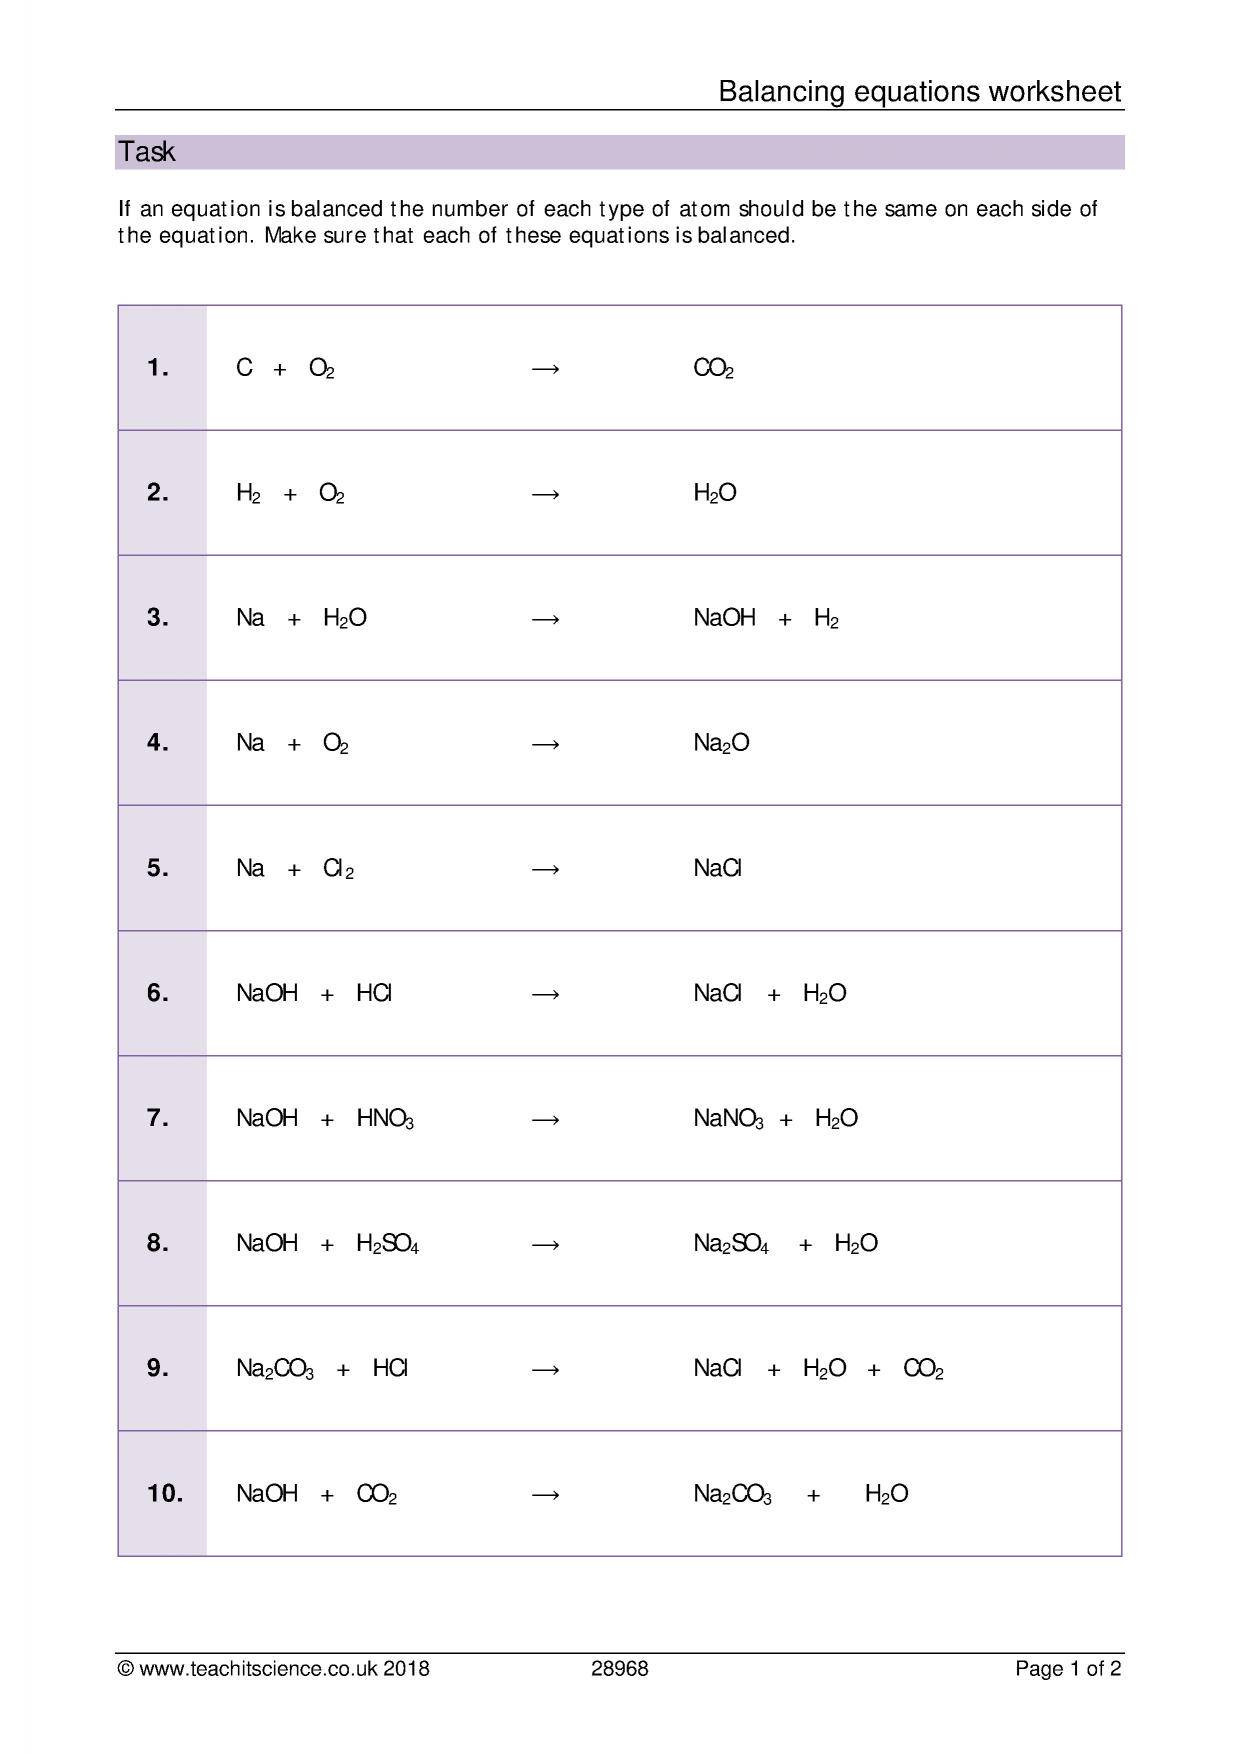 Balancing Equations Worksheet Answer Key